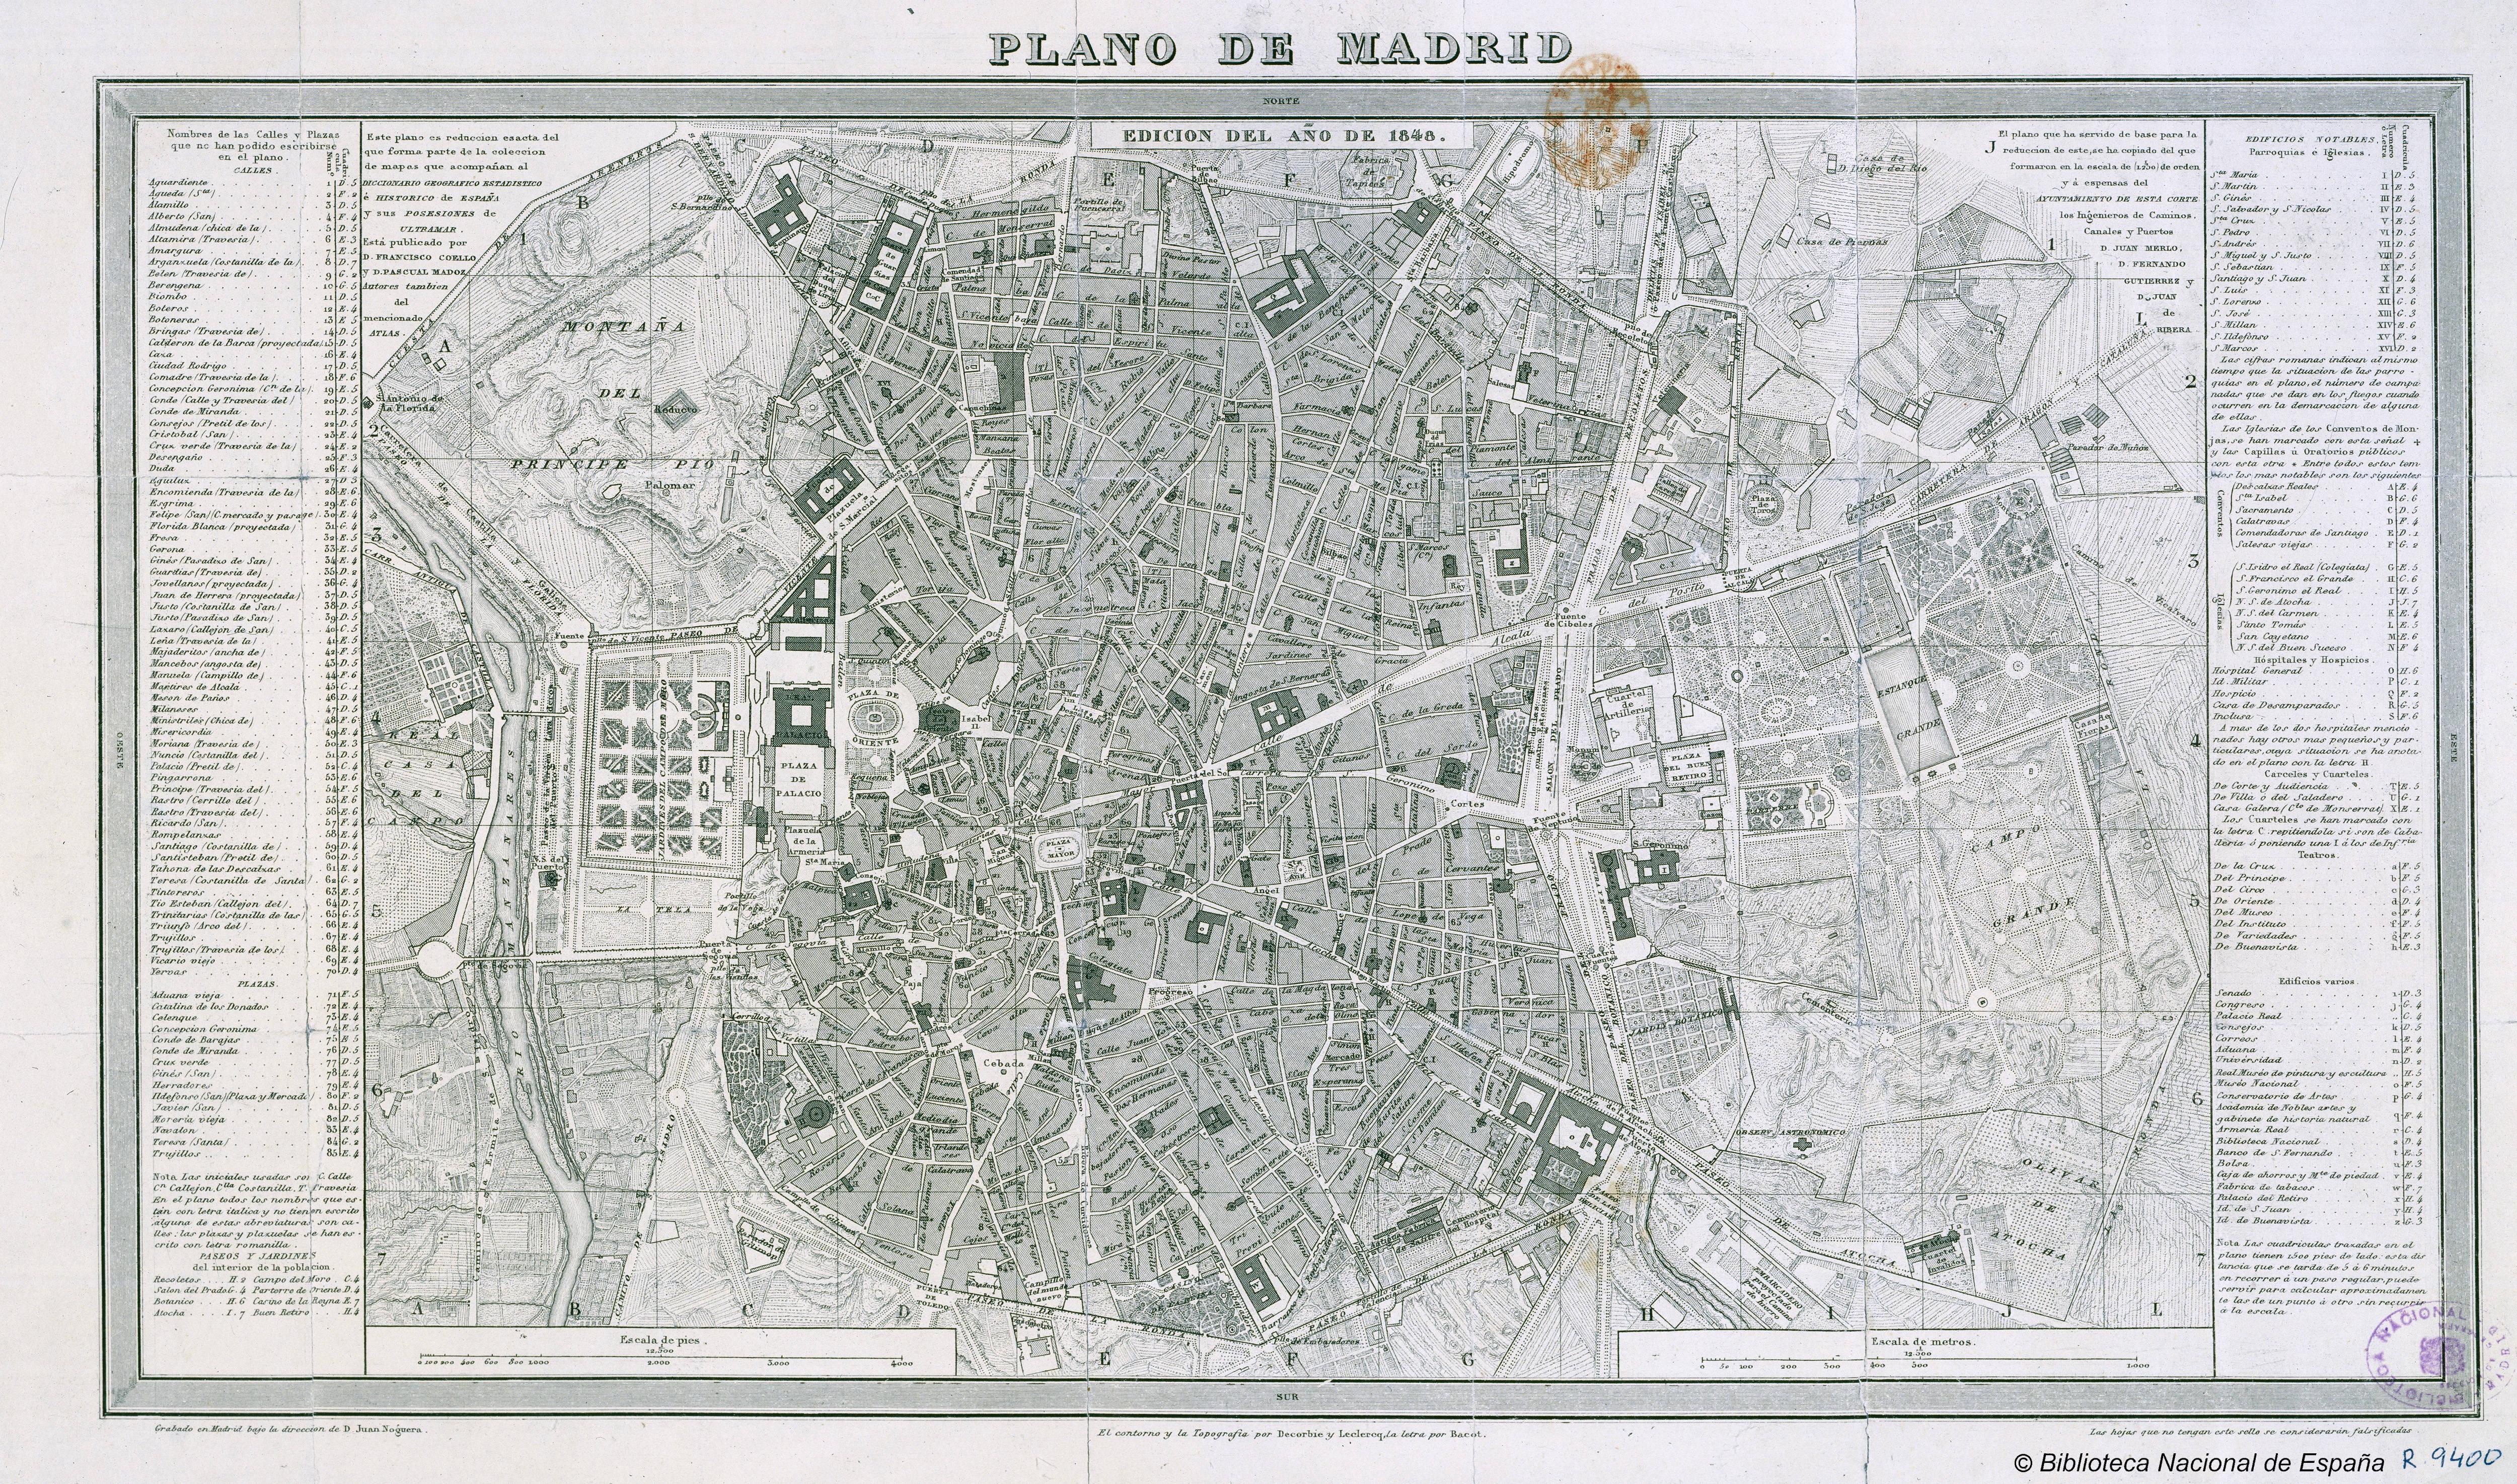 Tiempos de Retratos Plano_de_Madrid%2C_1848%2C_de_Francisco_Coello